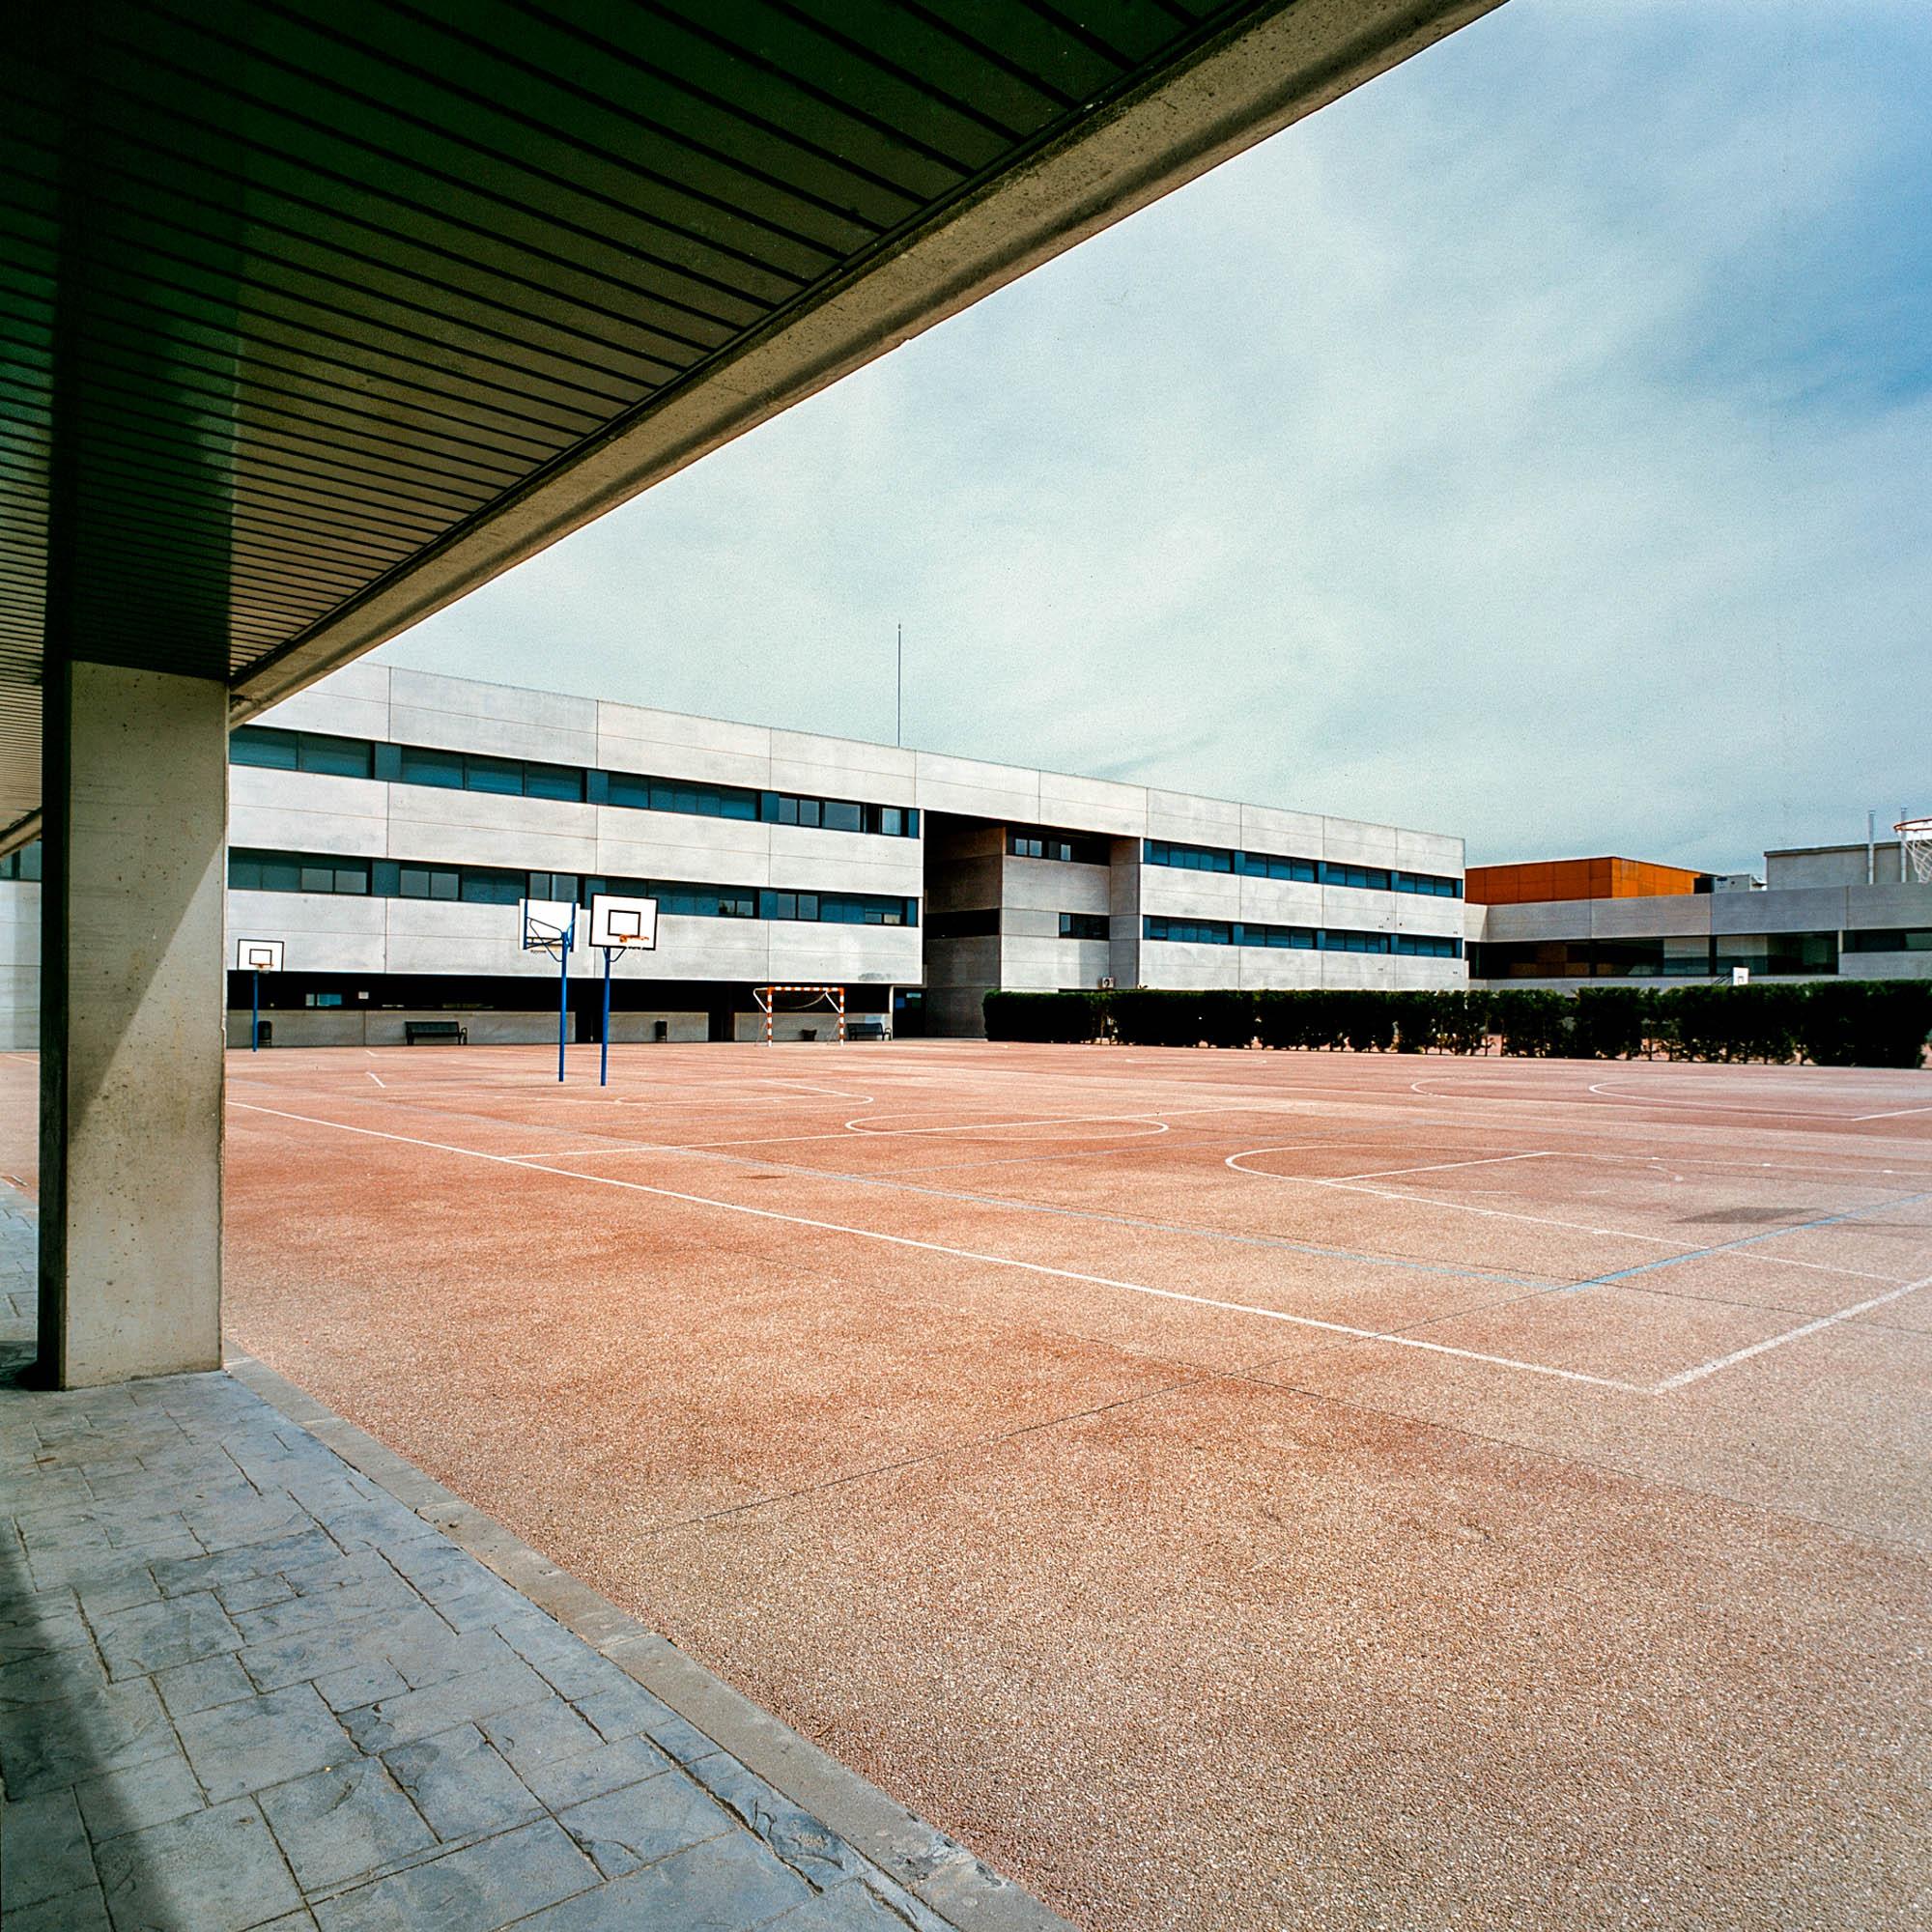 Colegio Mirasur